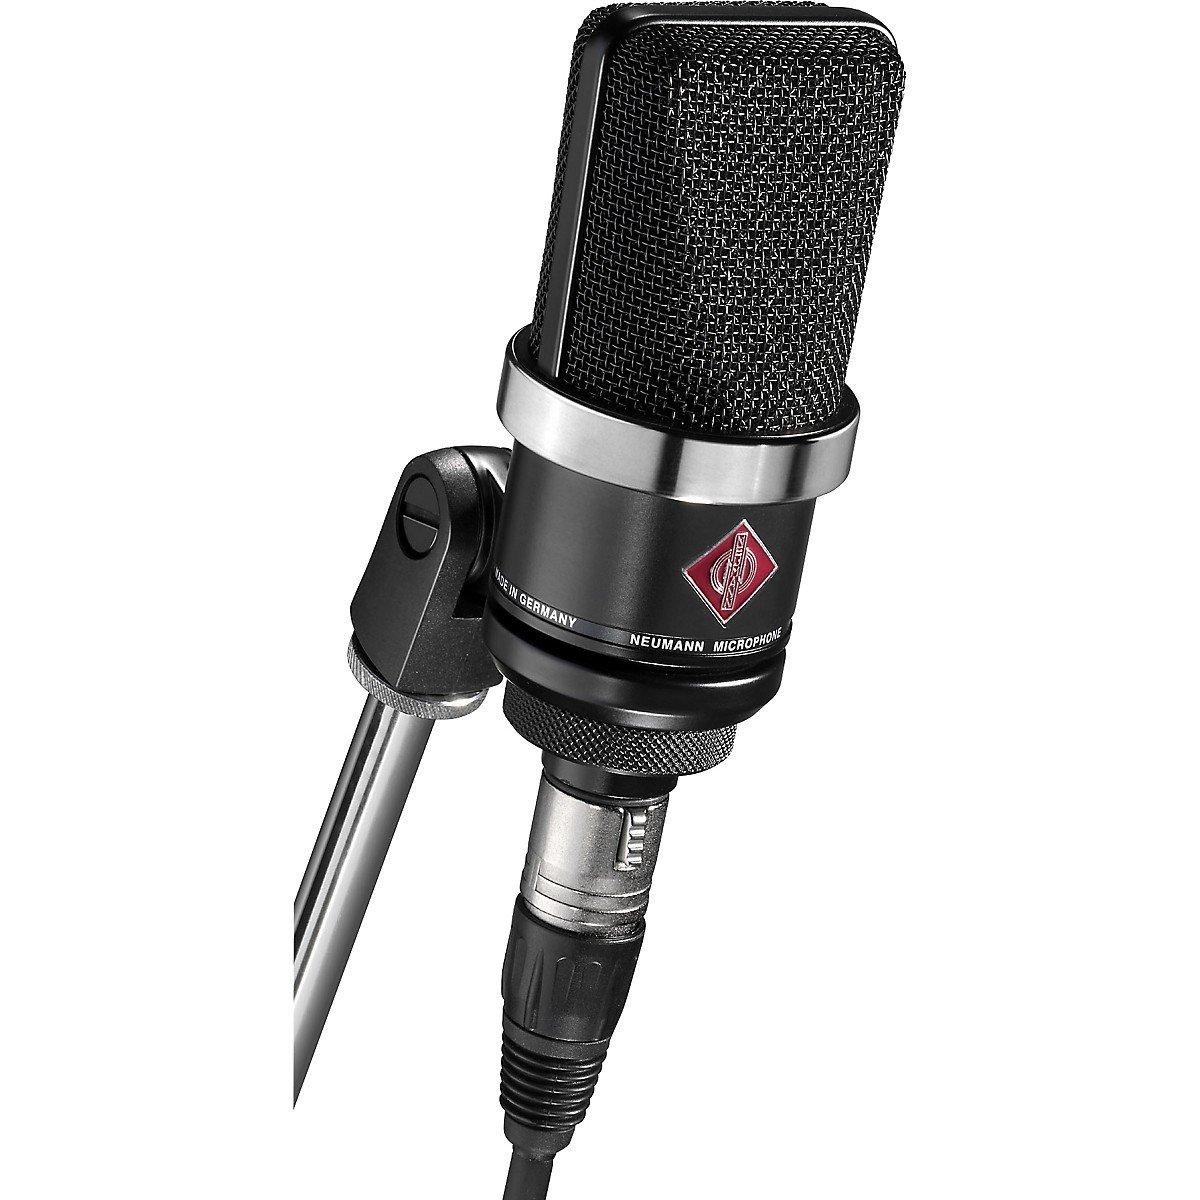 pewdiepie-2016-microphone